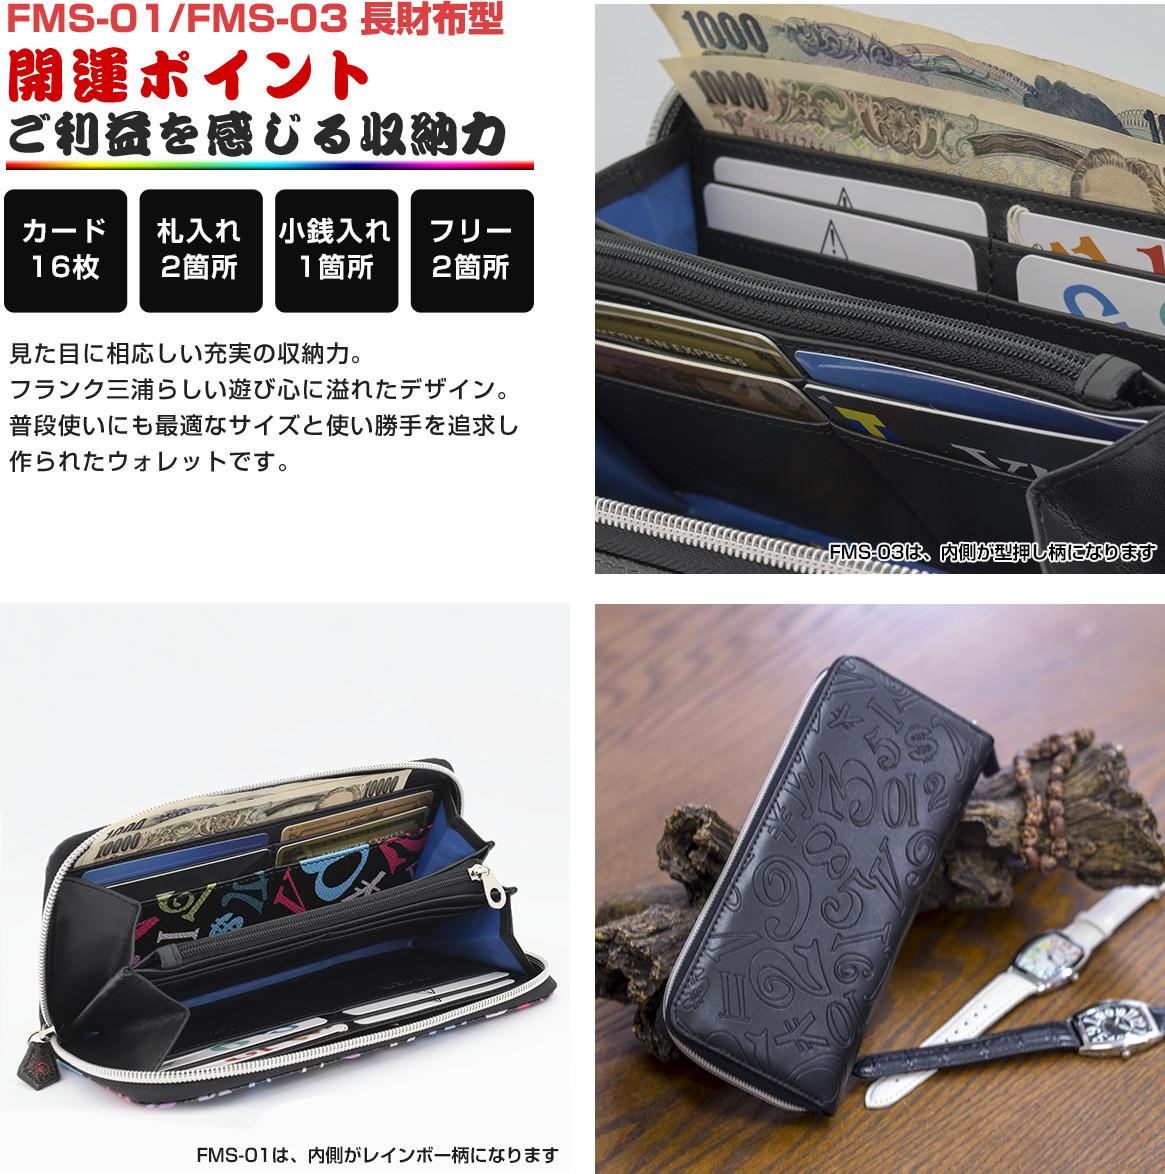 [フランク三浦] FMS03-B 奇跡の財布 メンズ レディース